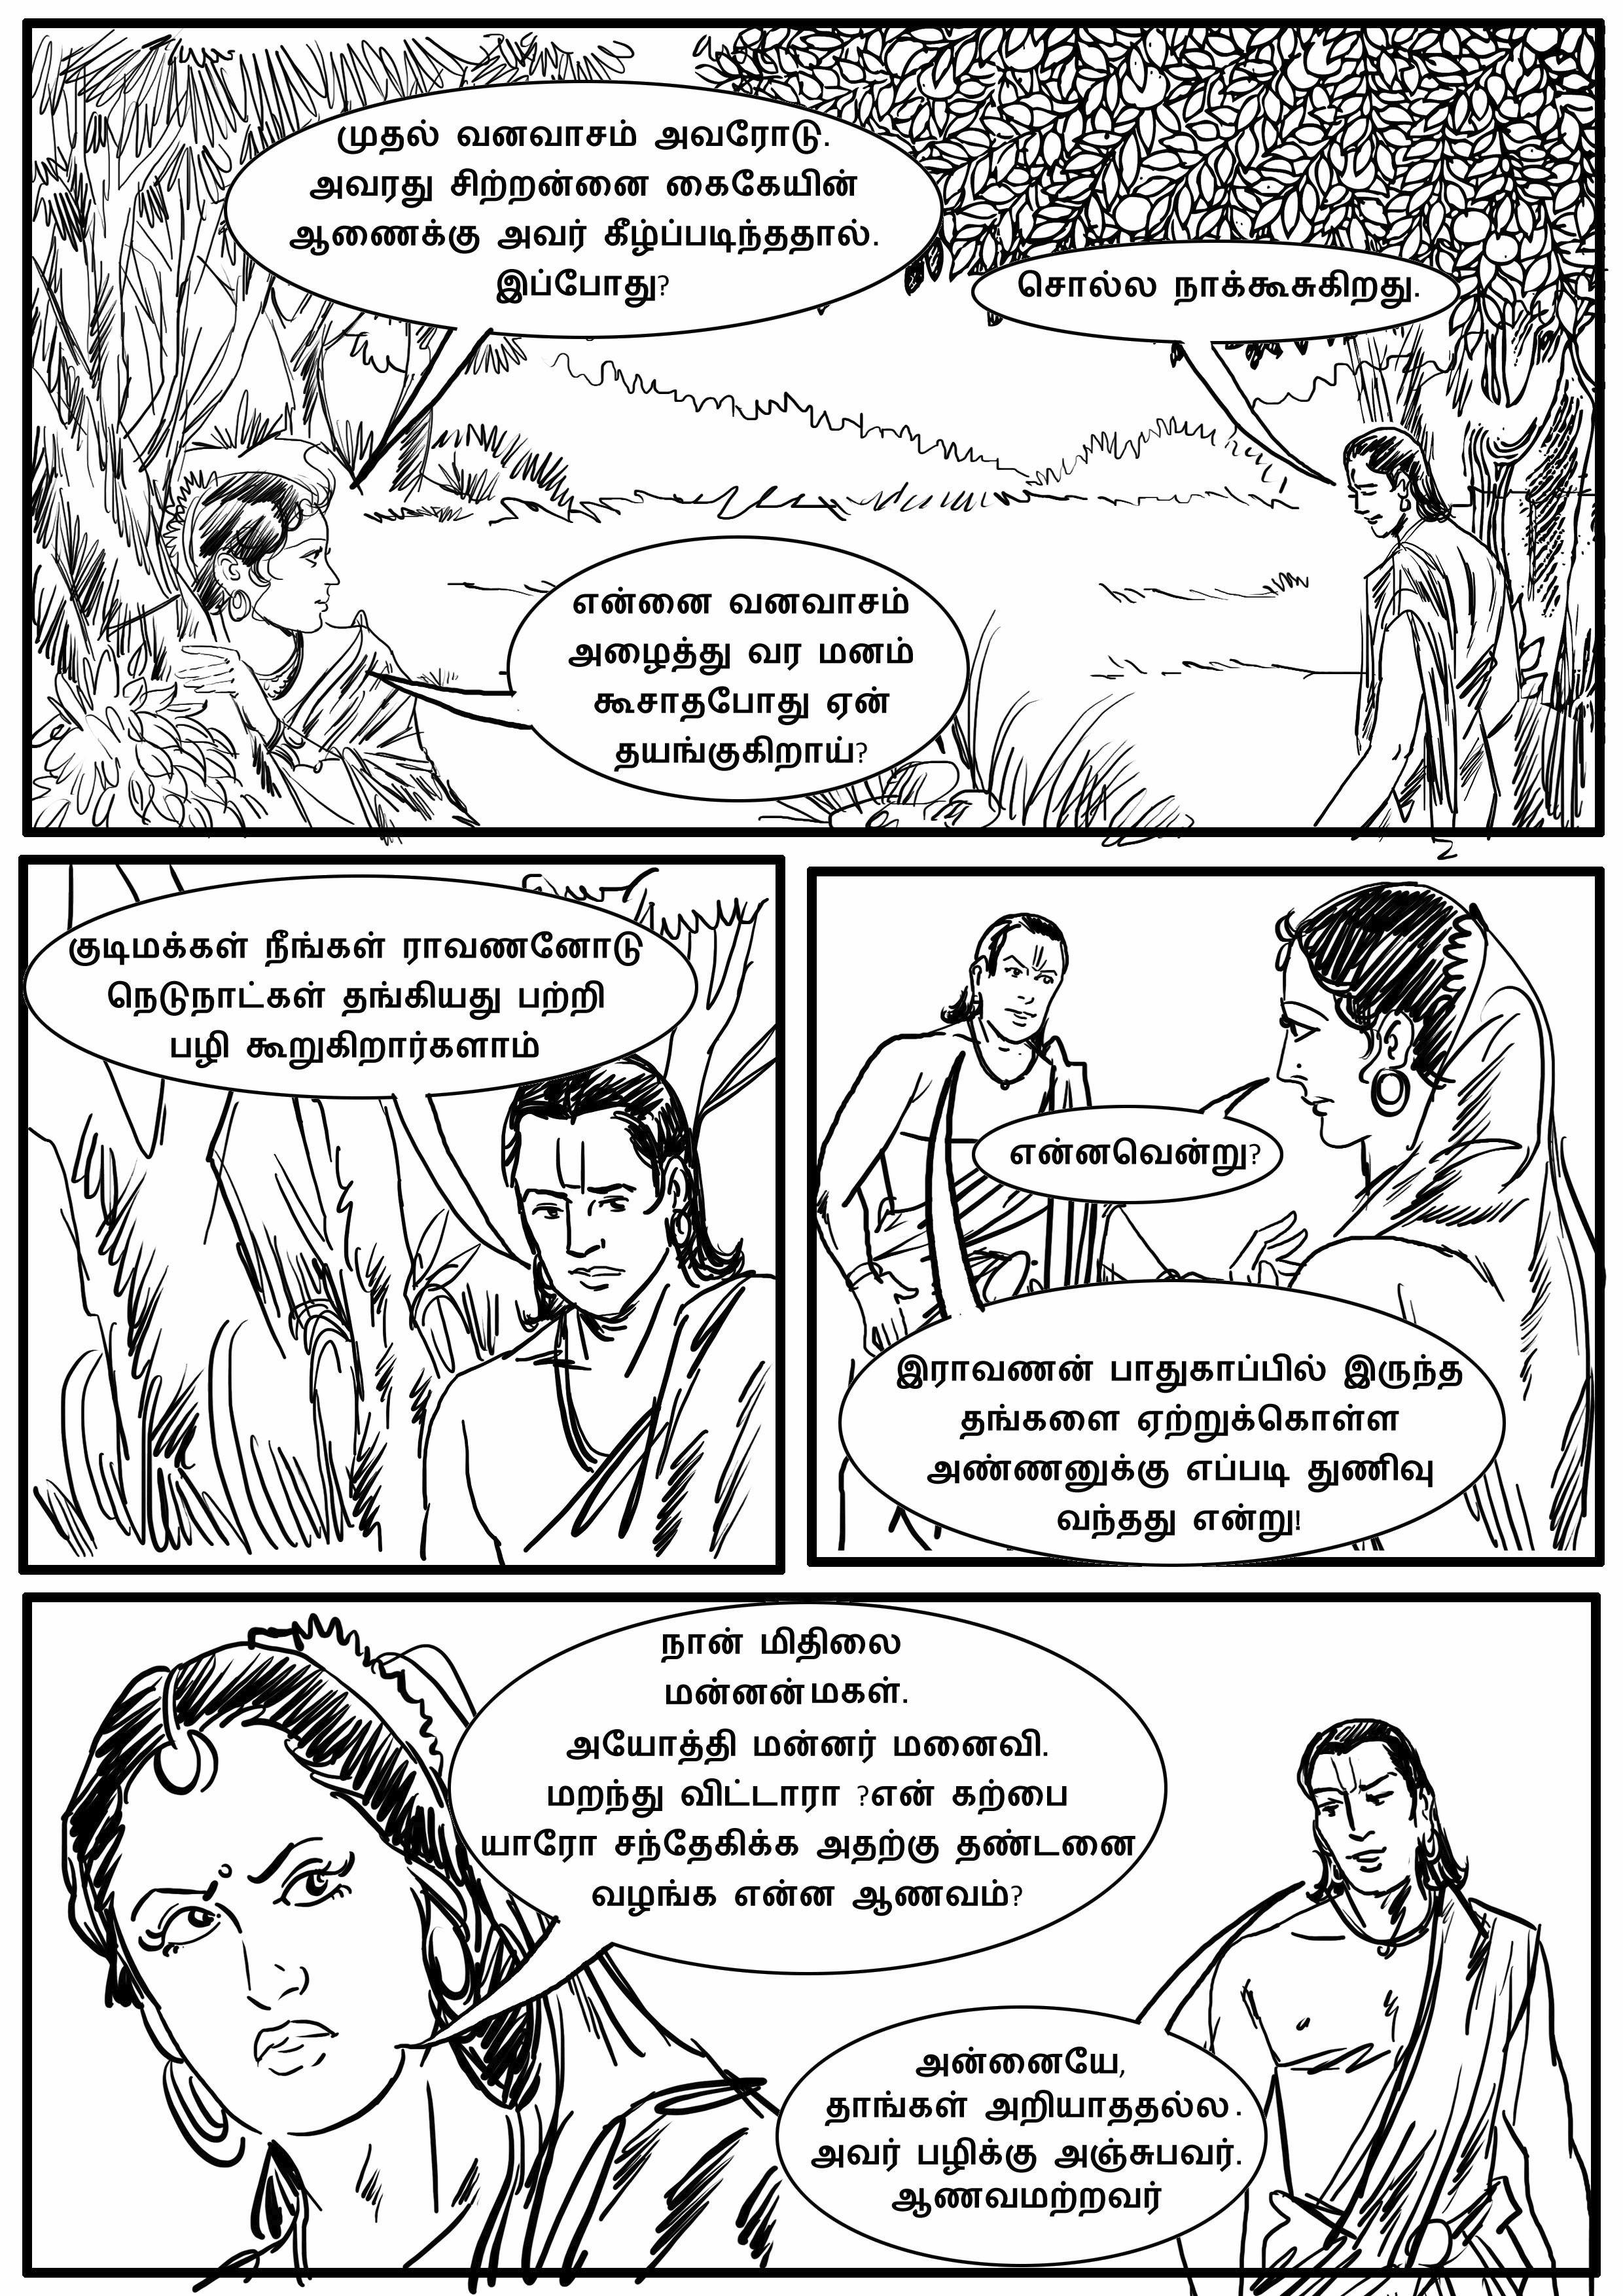 சீதாயணம் [முழு நாடகம்] [5] படக்கதையுடன்